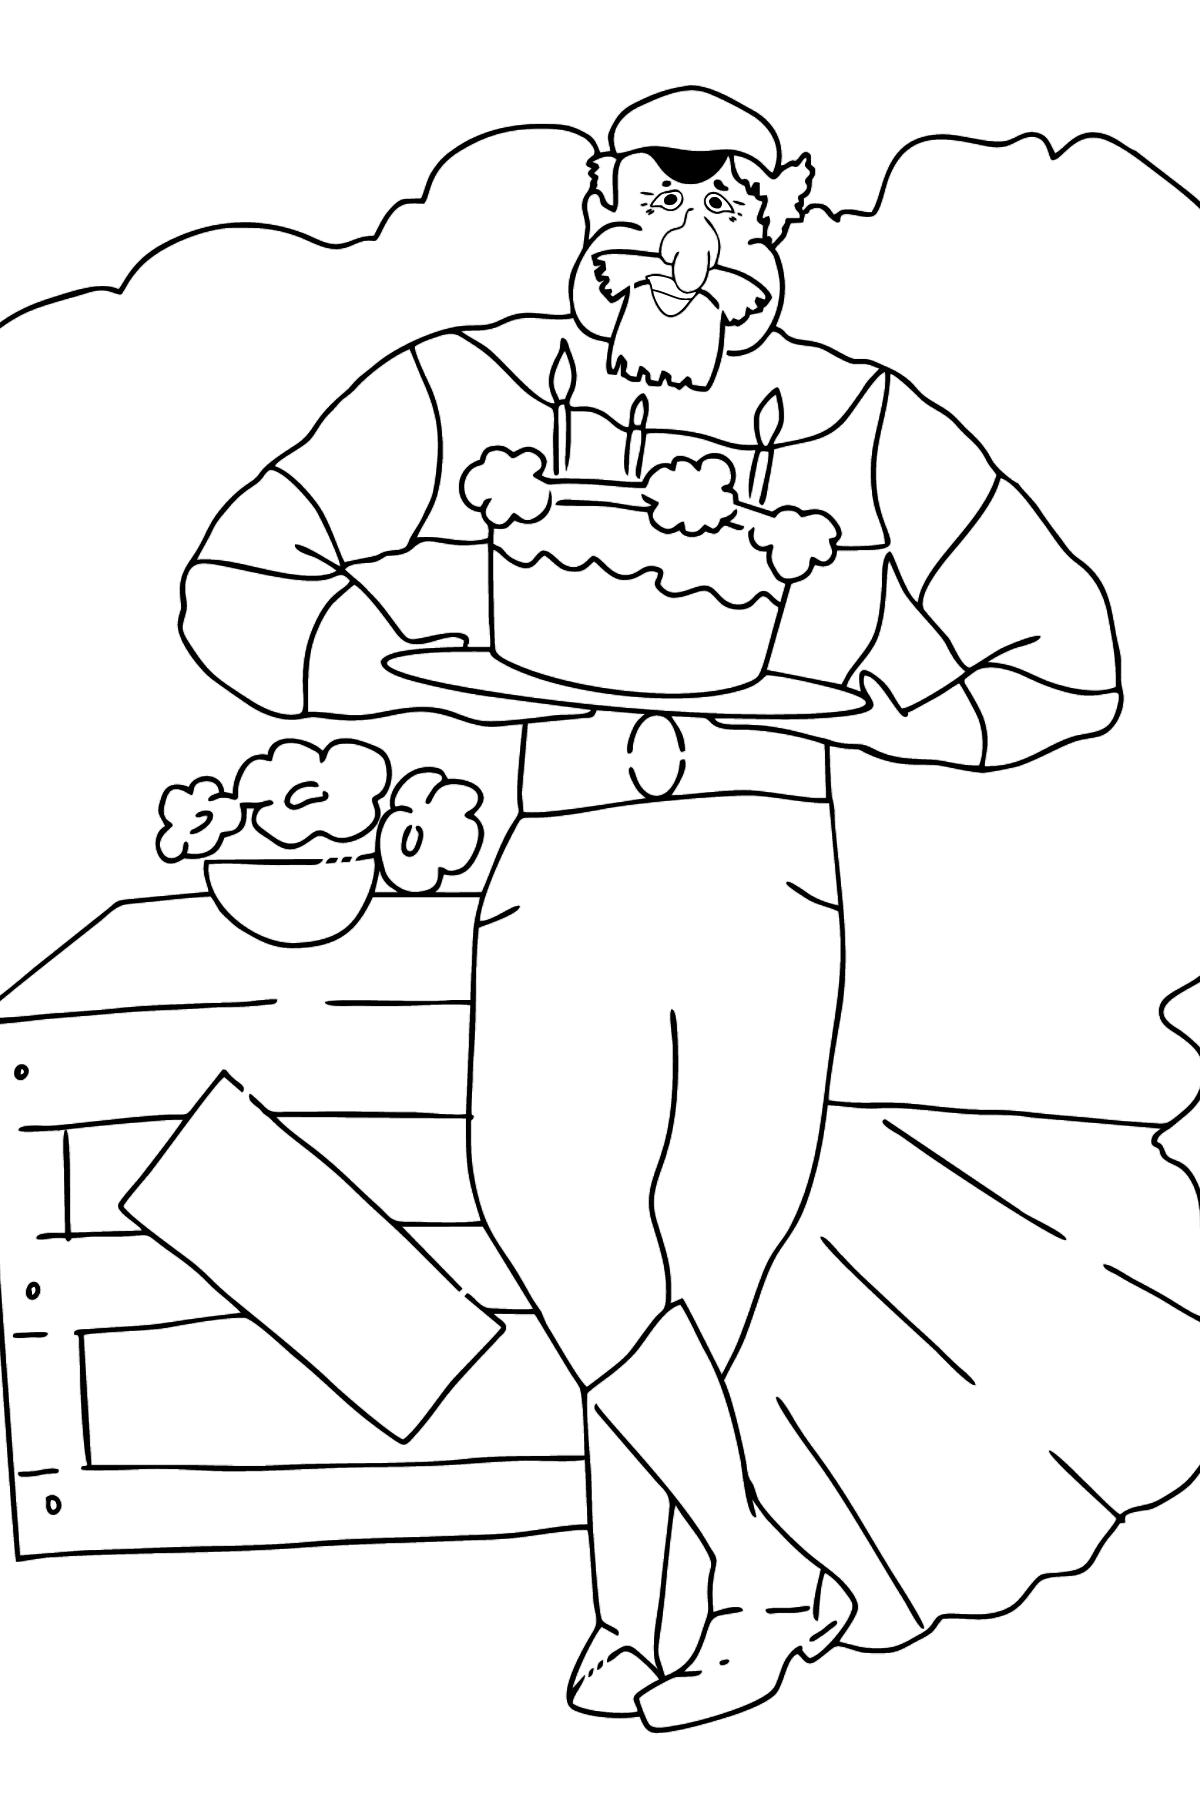 Простая раскраска Пират - Картинки для Детей